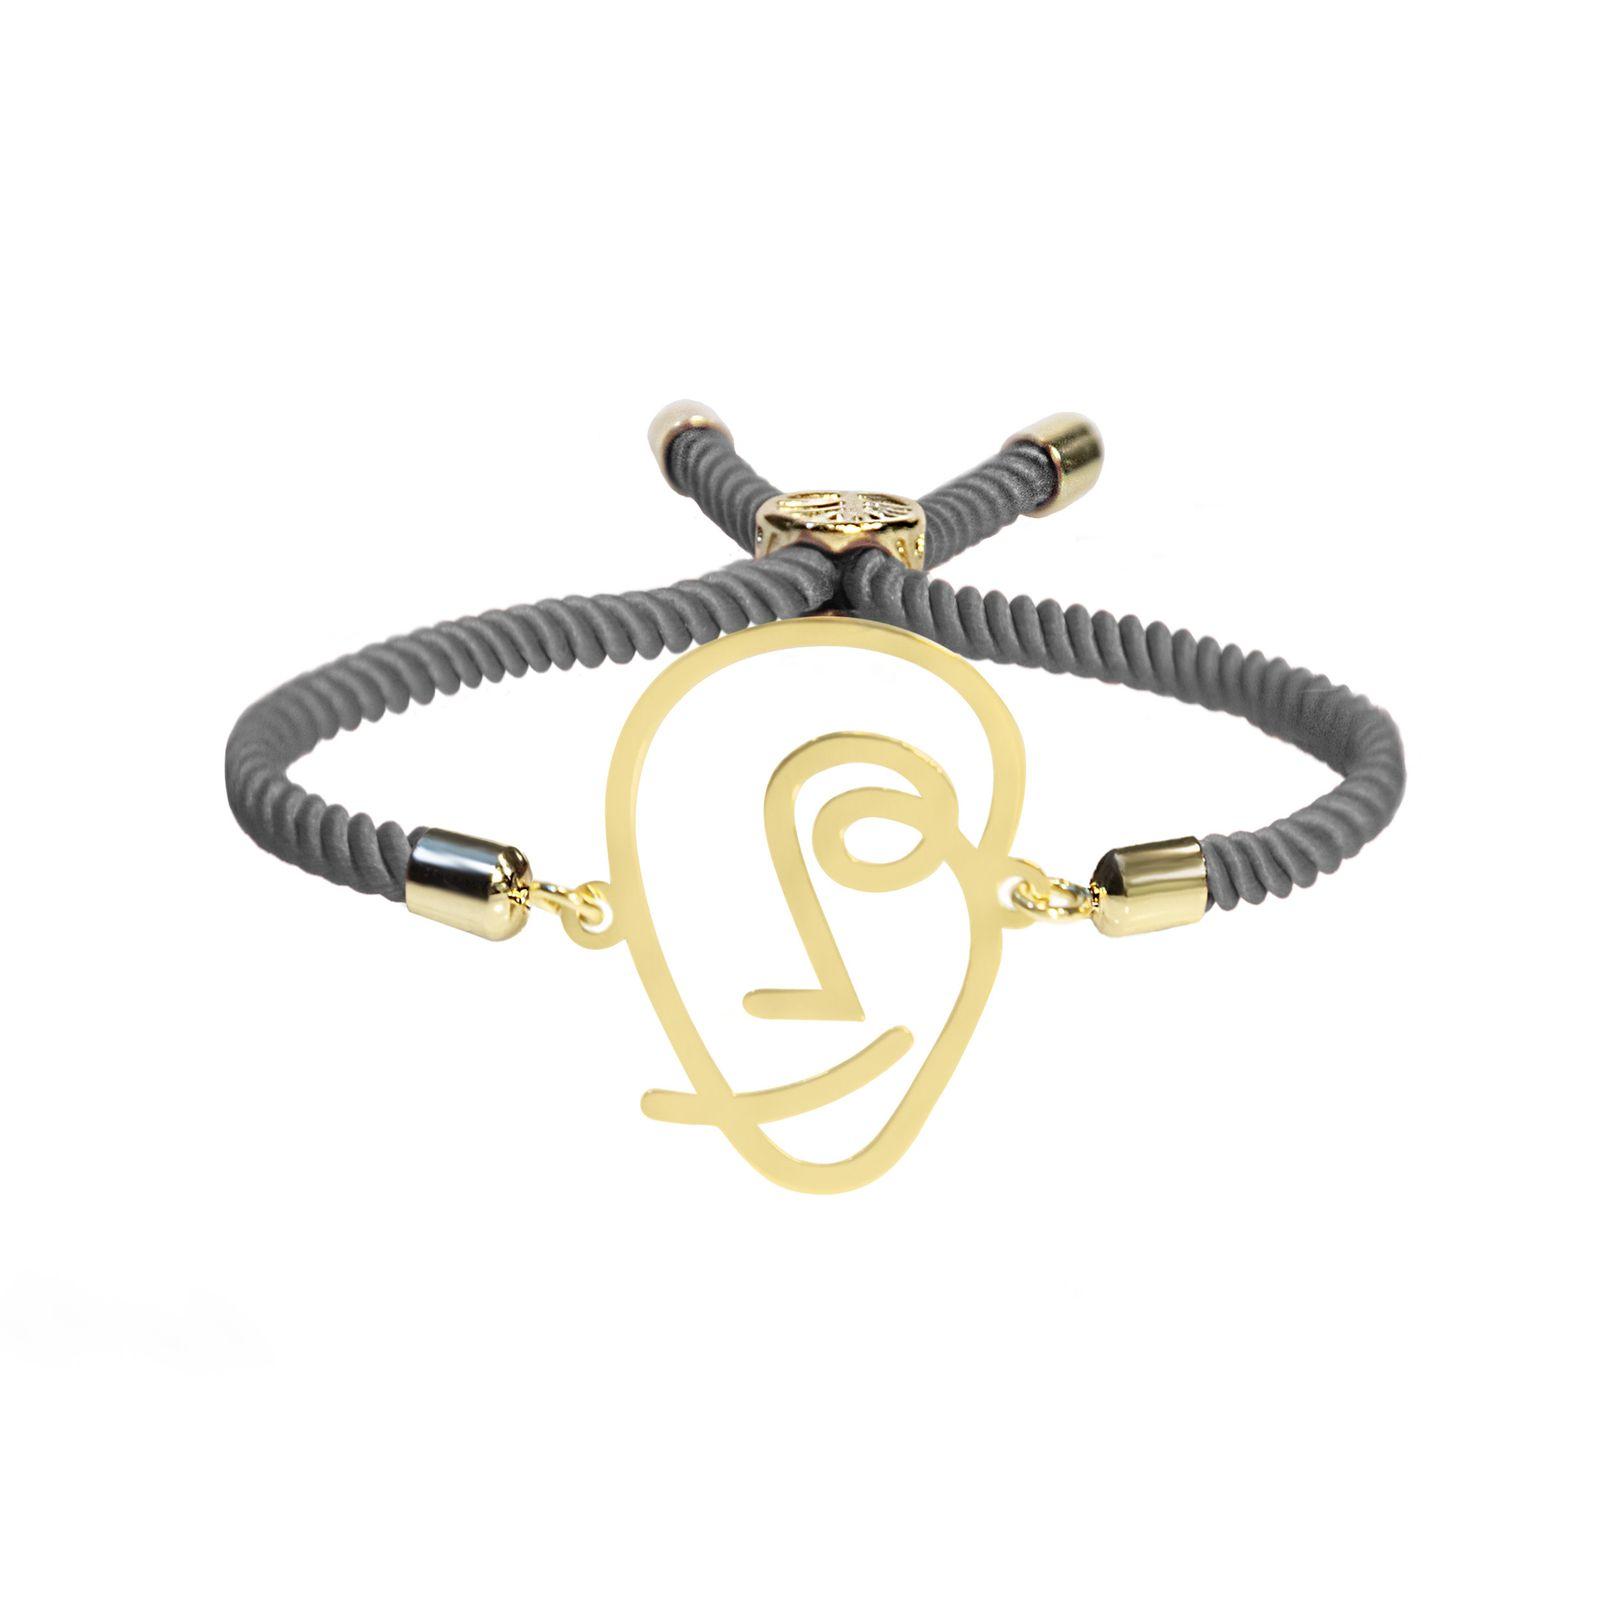 دستبند نقره زنانه آبستره مدل DSH-01 -  - 2